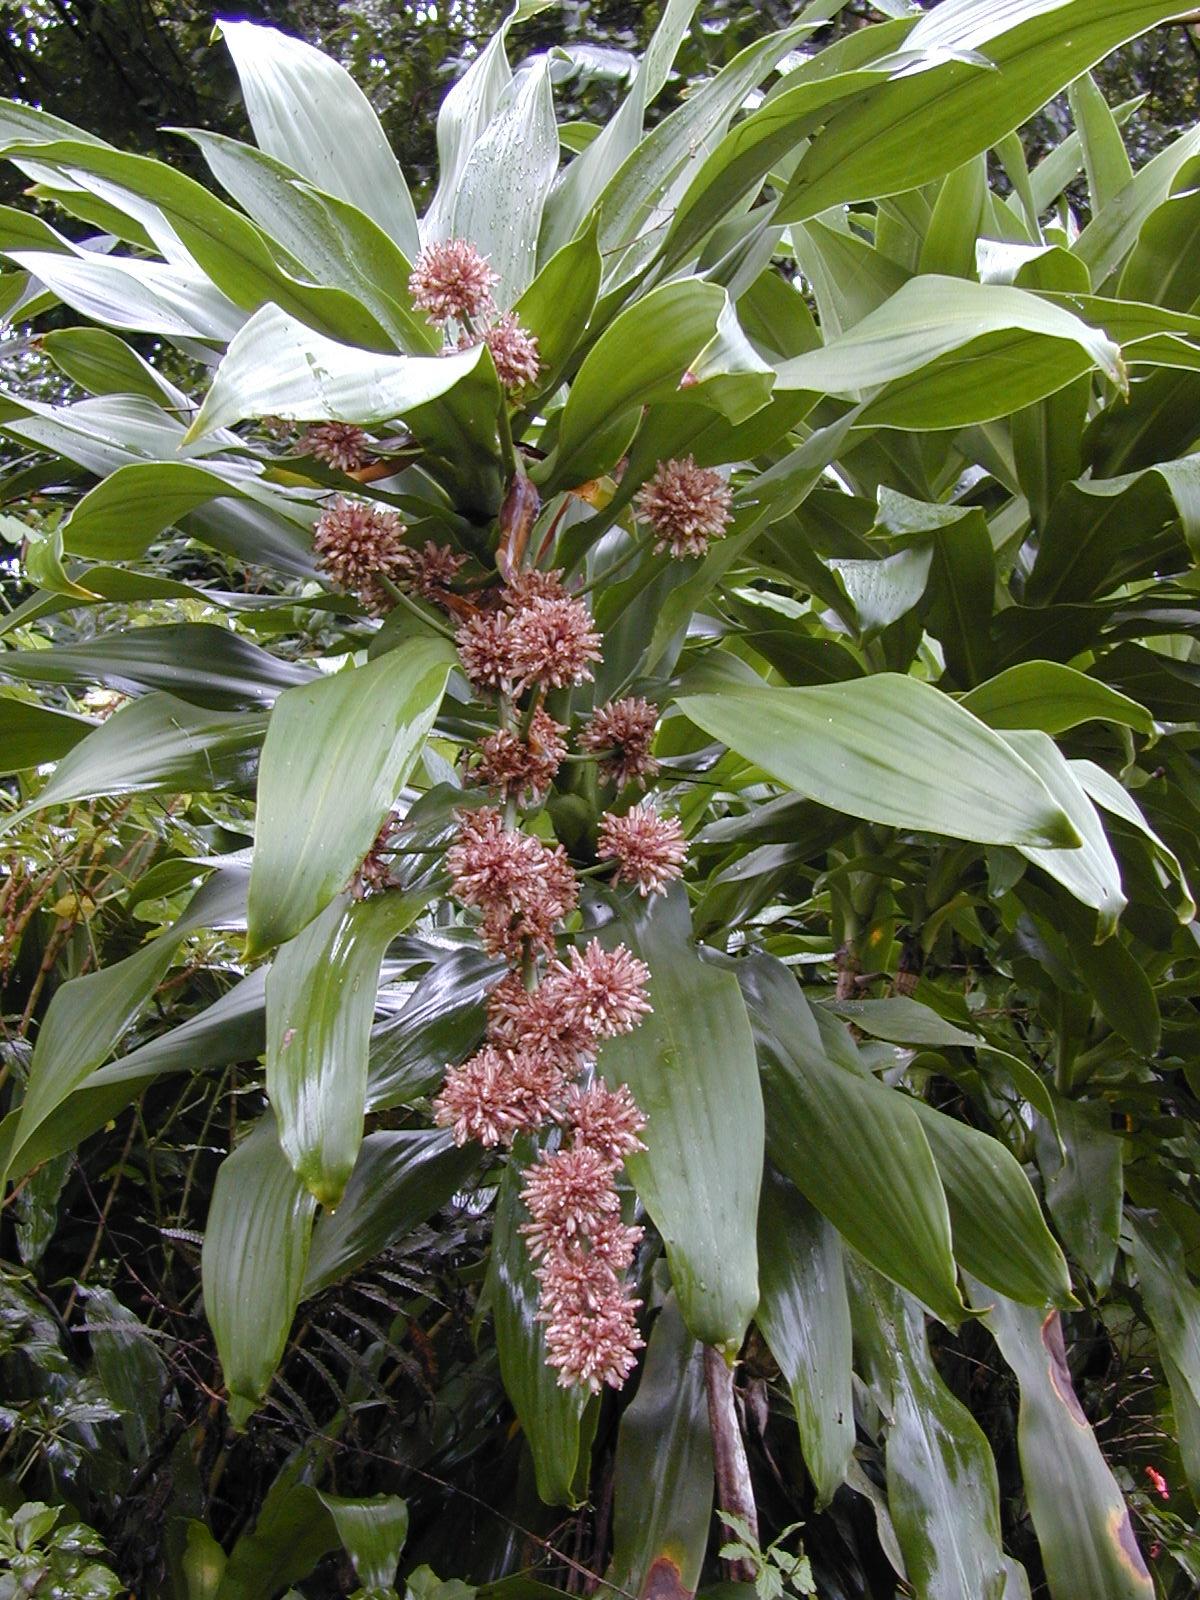 Especie de hojas verdes con flores